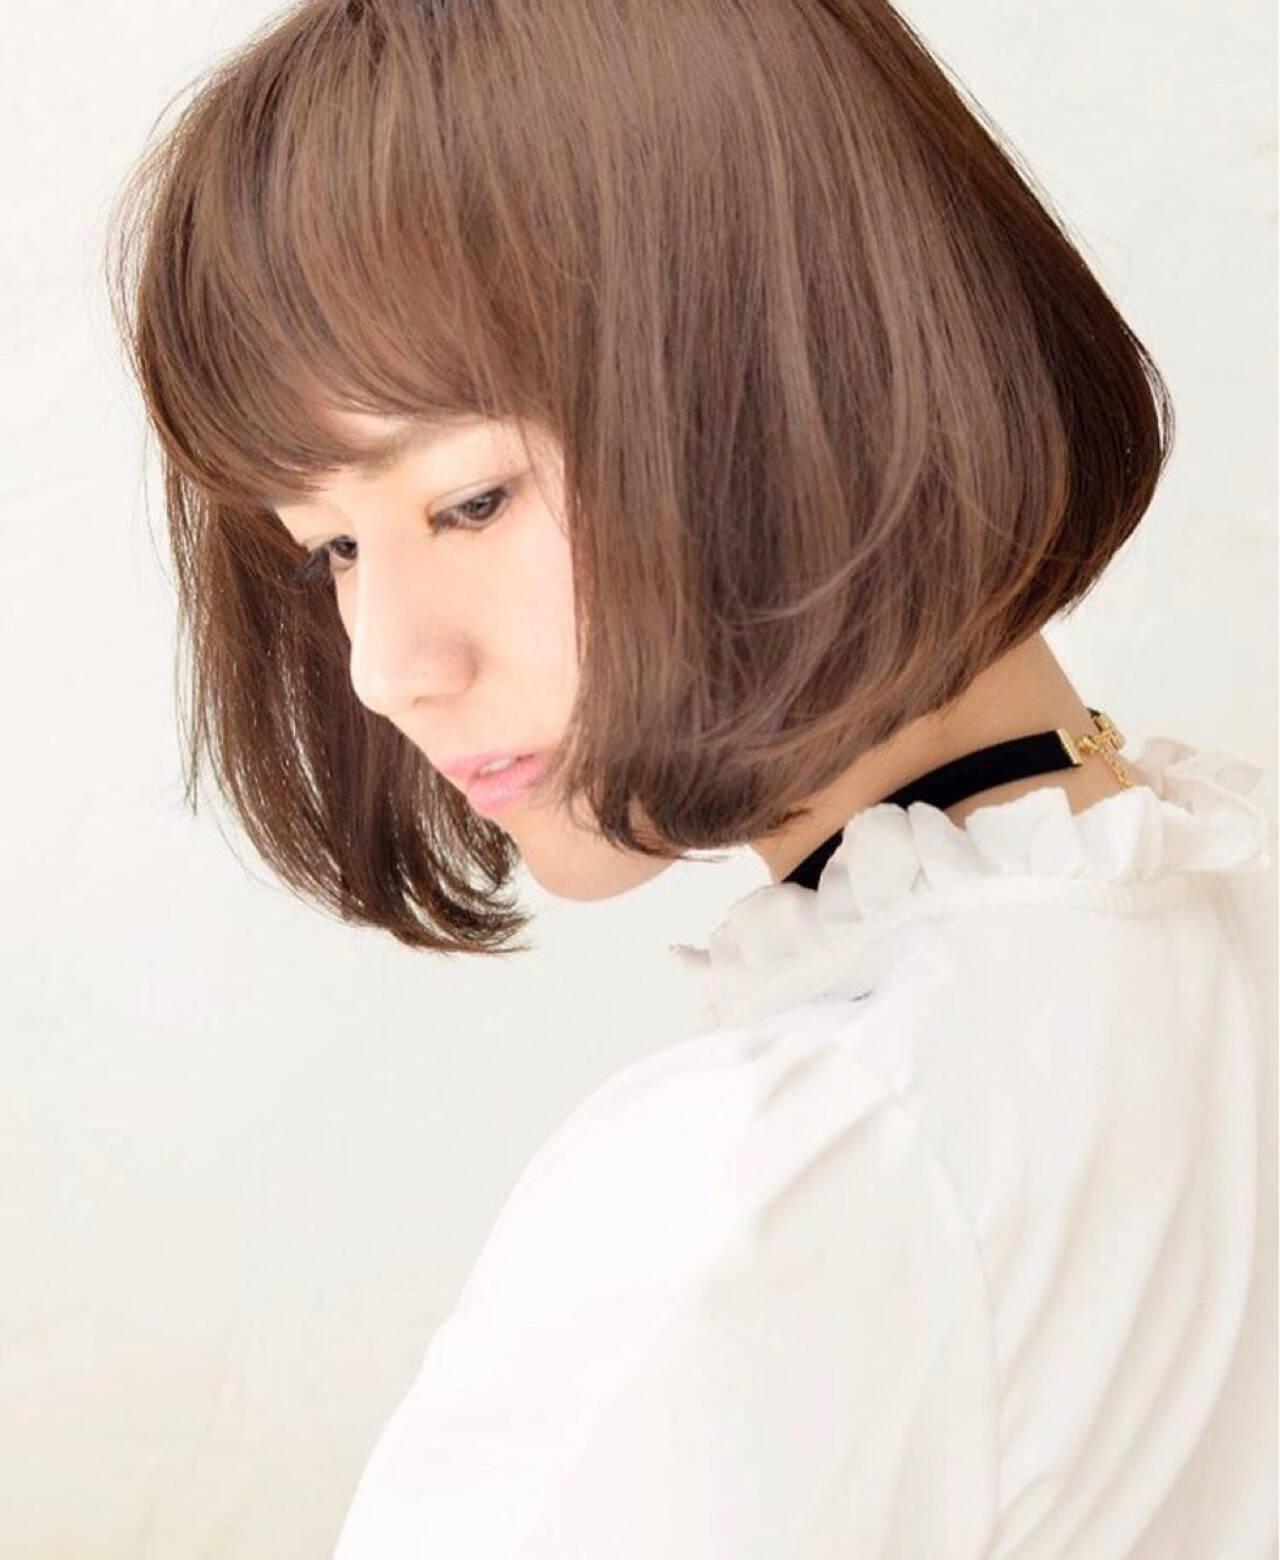 アッシュ ショート 外国人風 ボブヘアスタイルや髪型の写真・画像